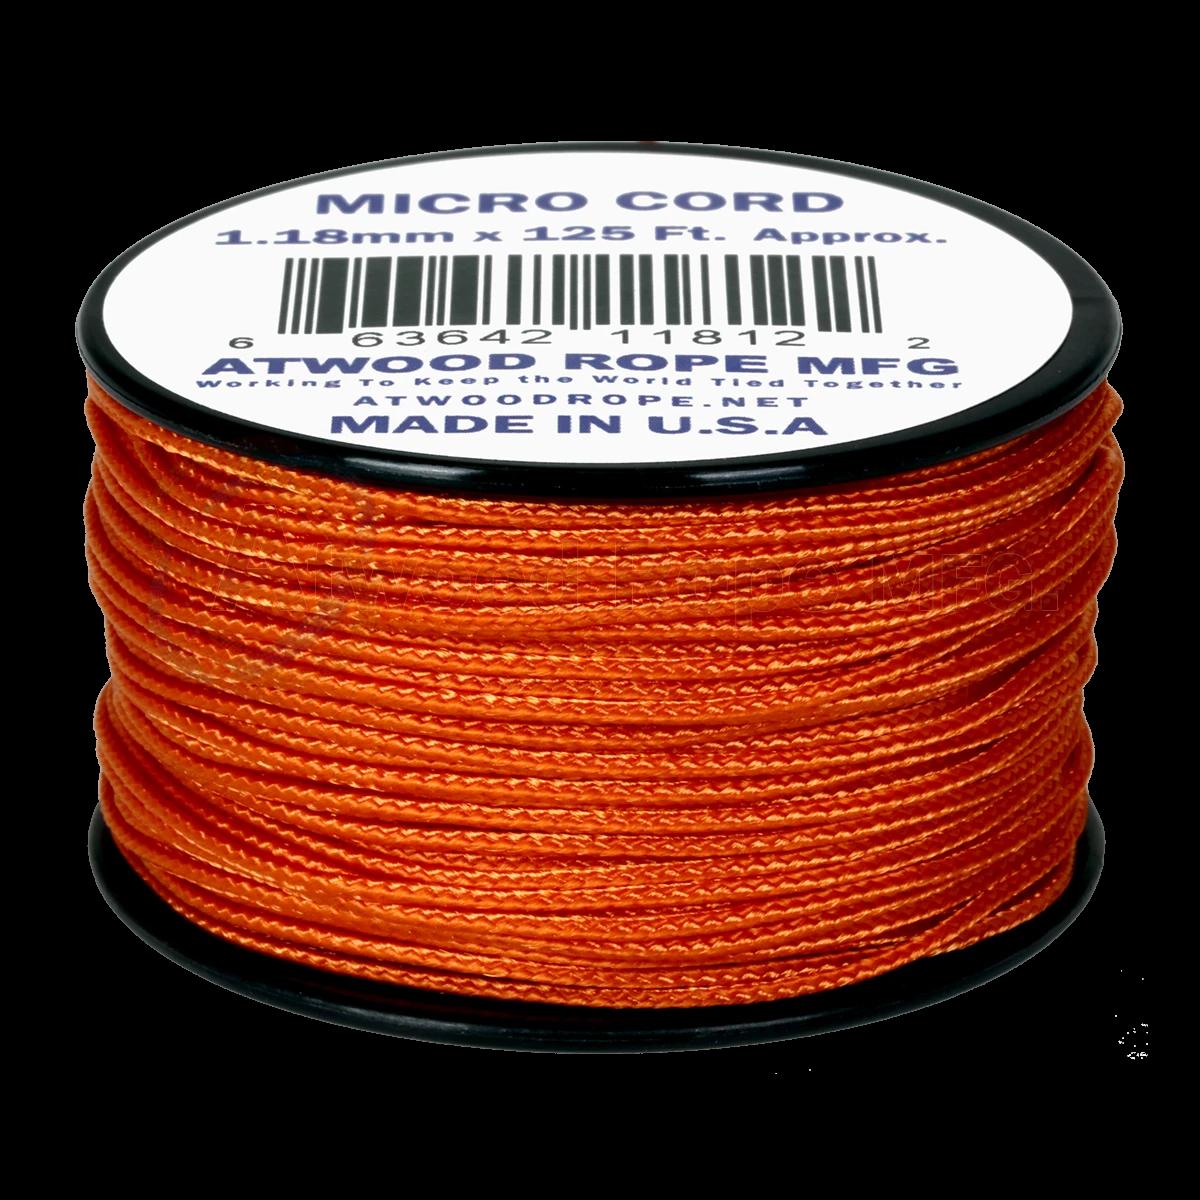 Dụng cụ phượt Dây Micro Cord 1.18mm – 100ft – Brunt Orange